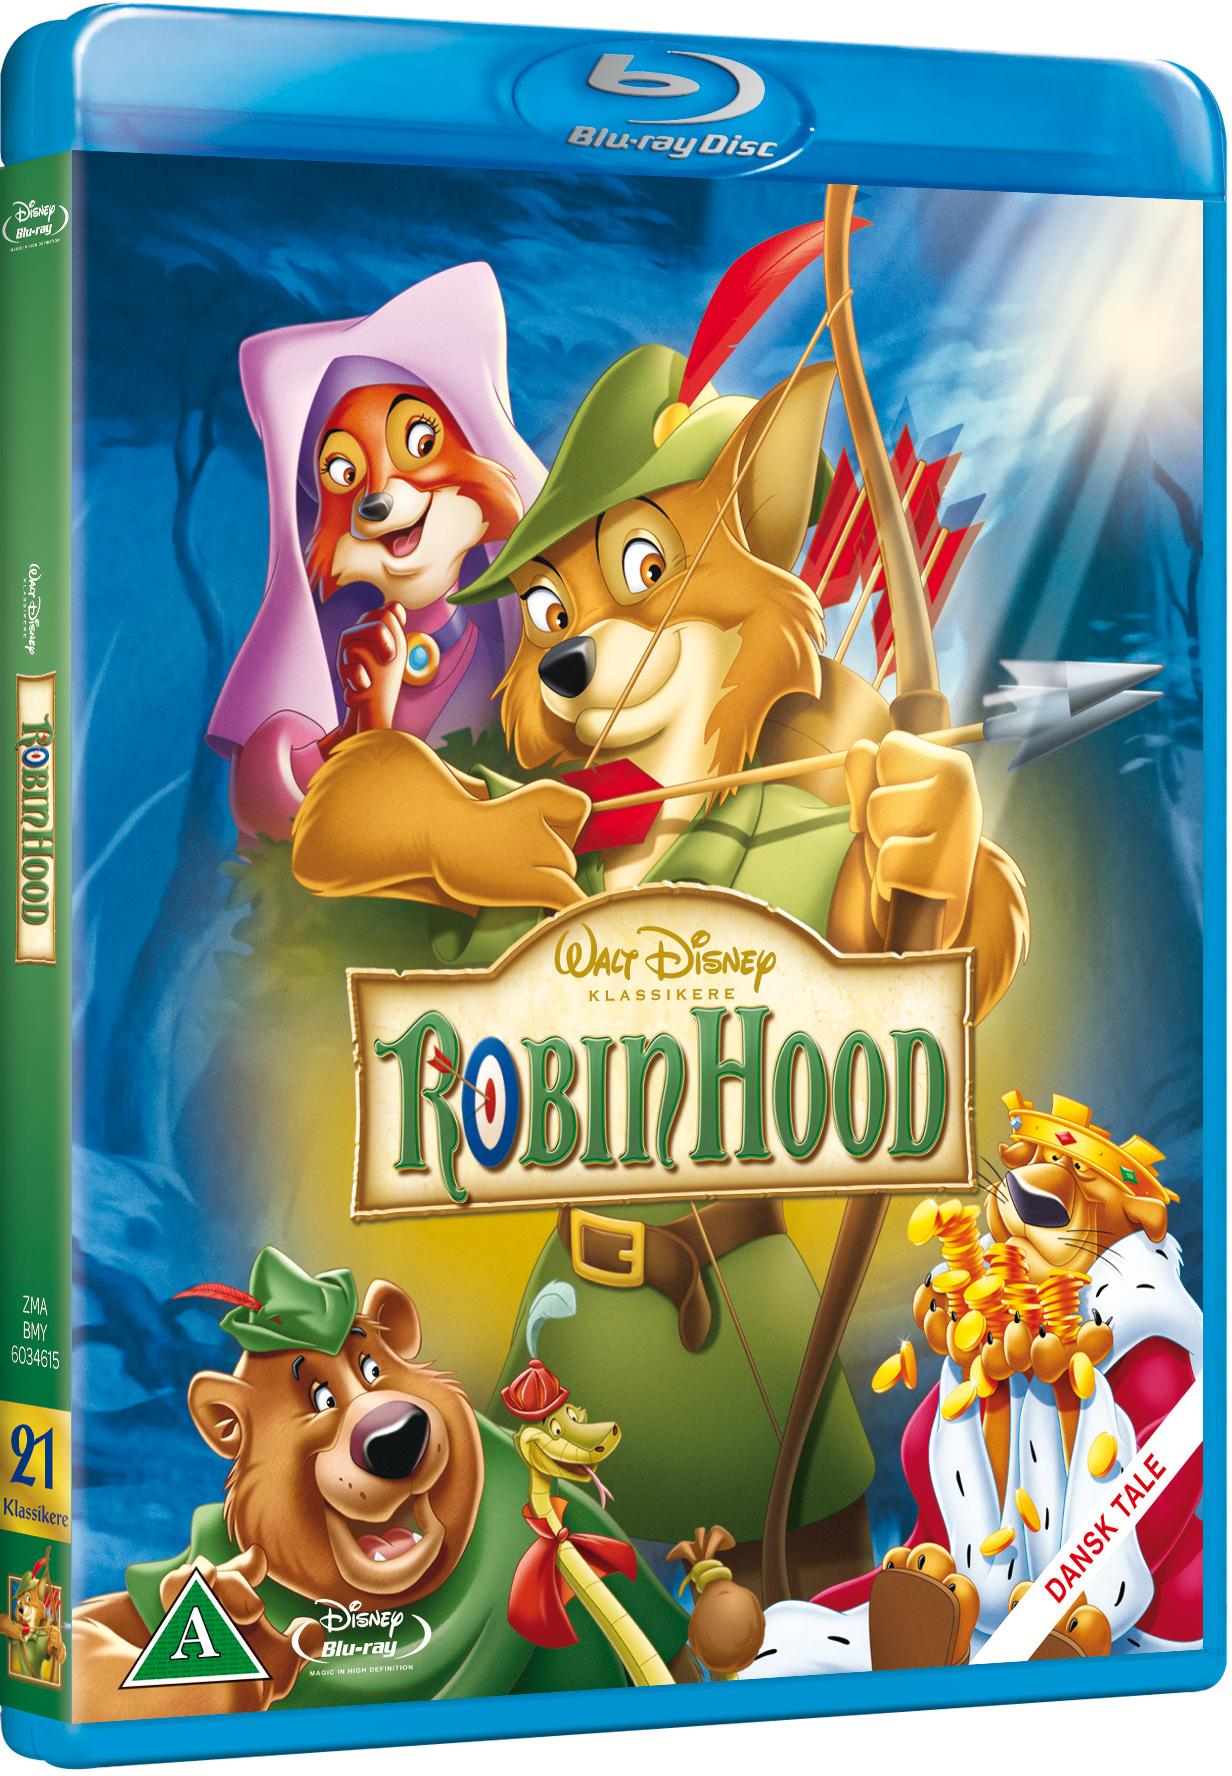 Robin Hood - Disney classic #21